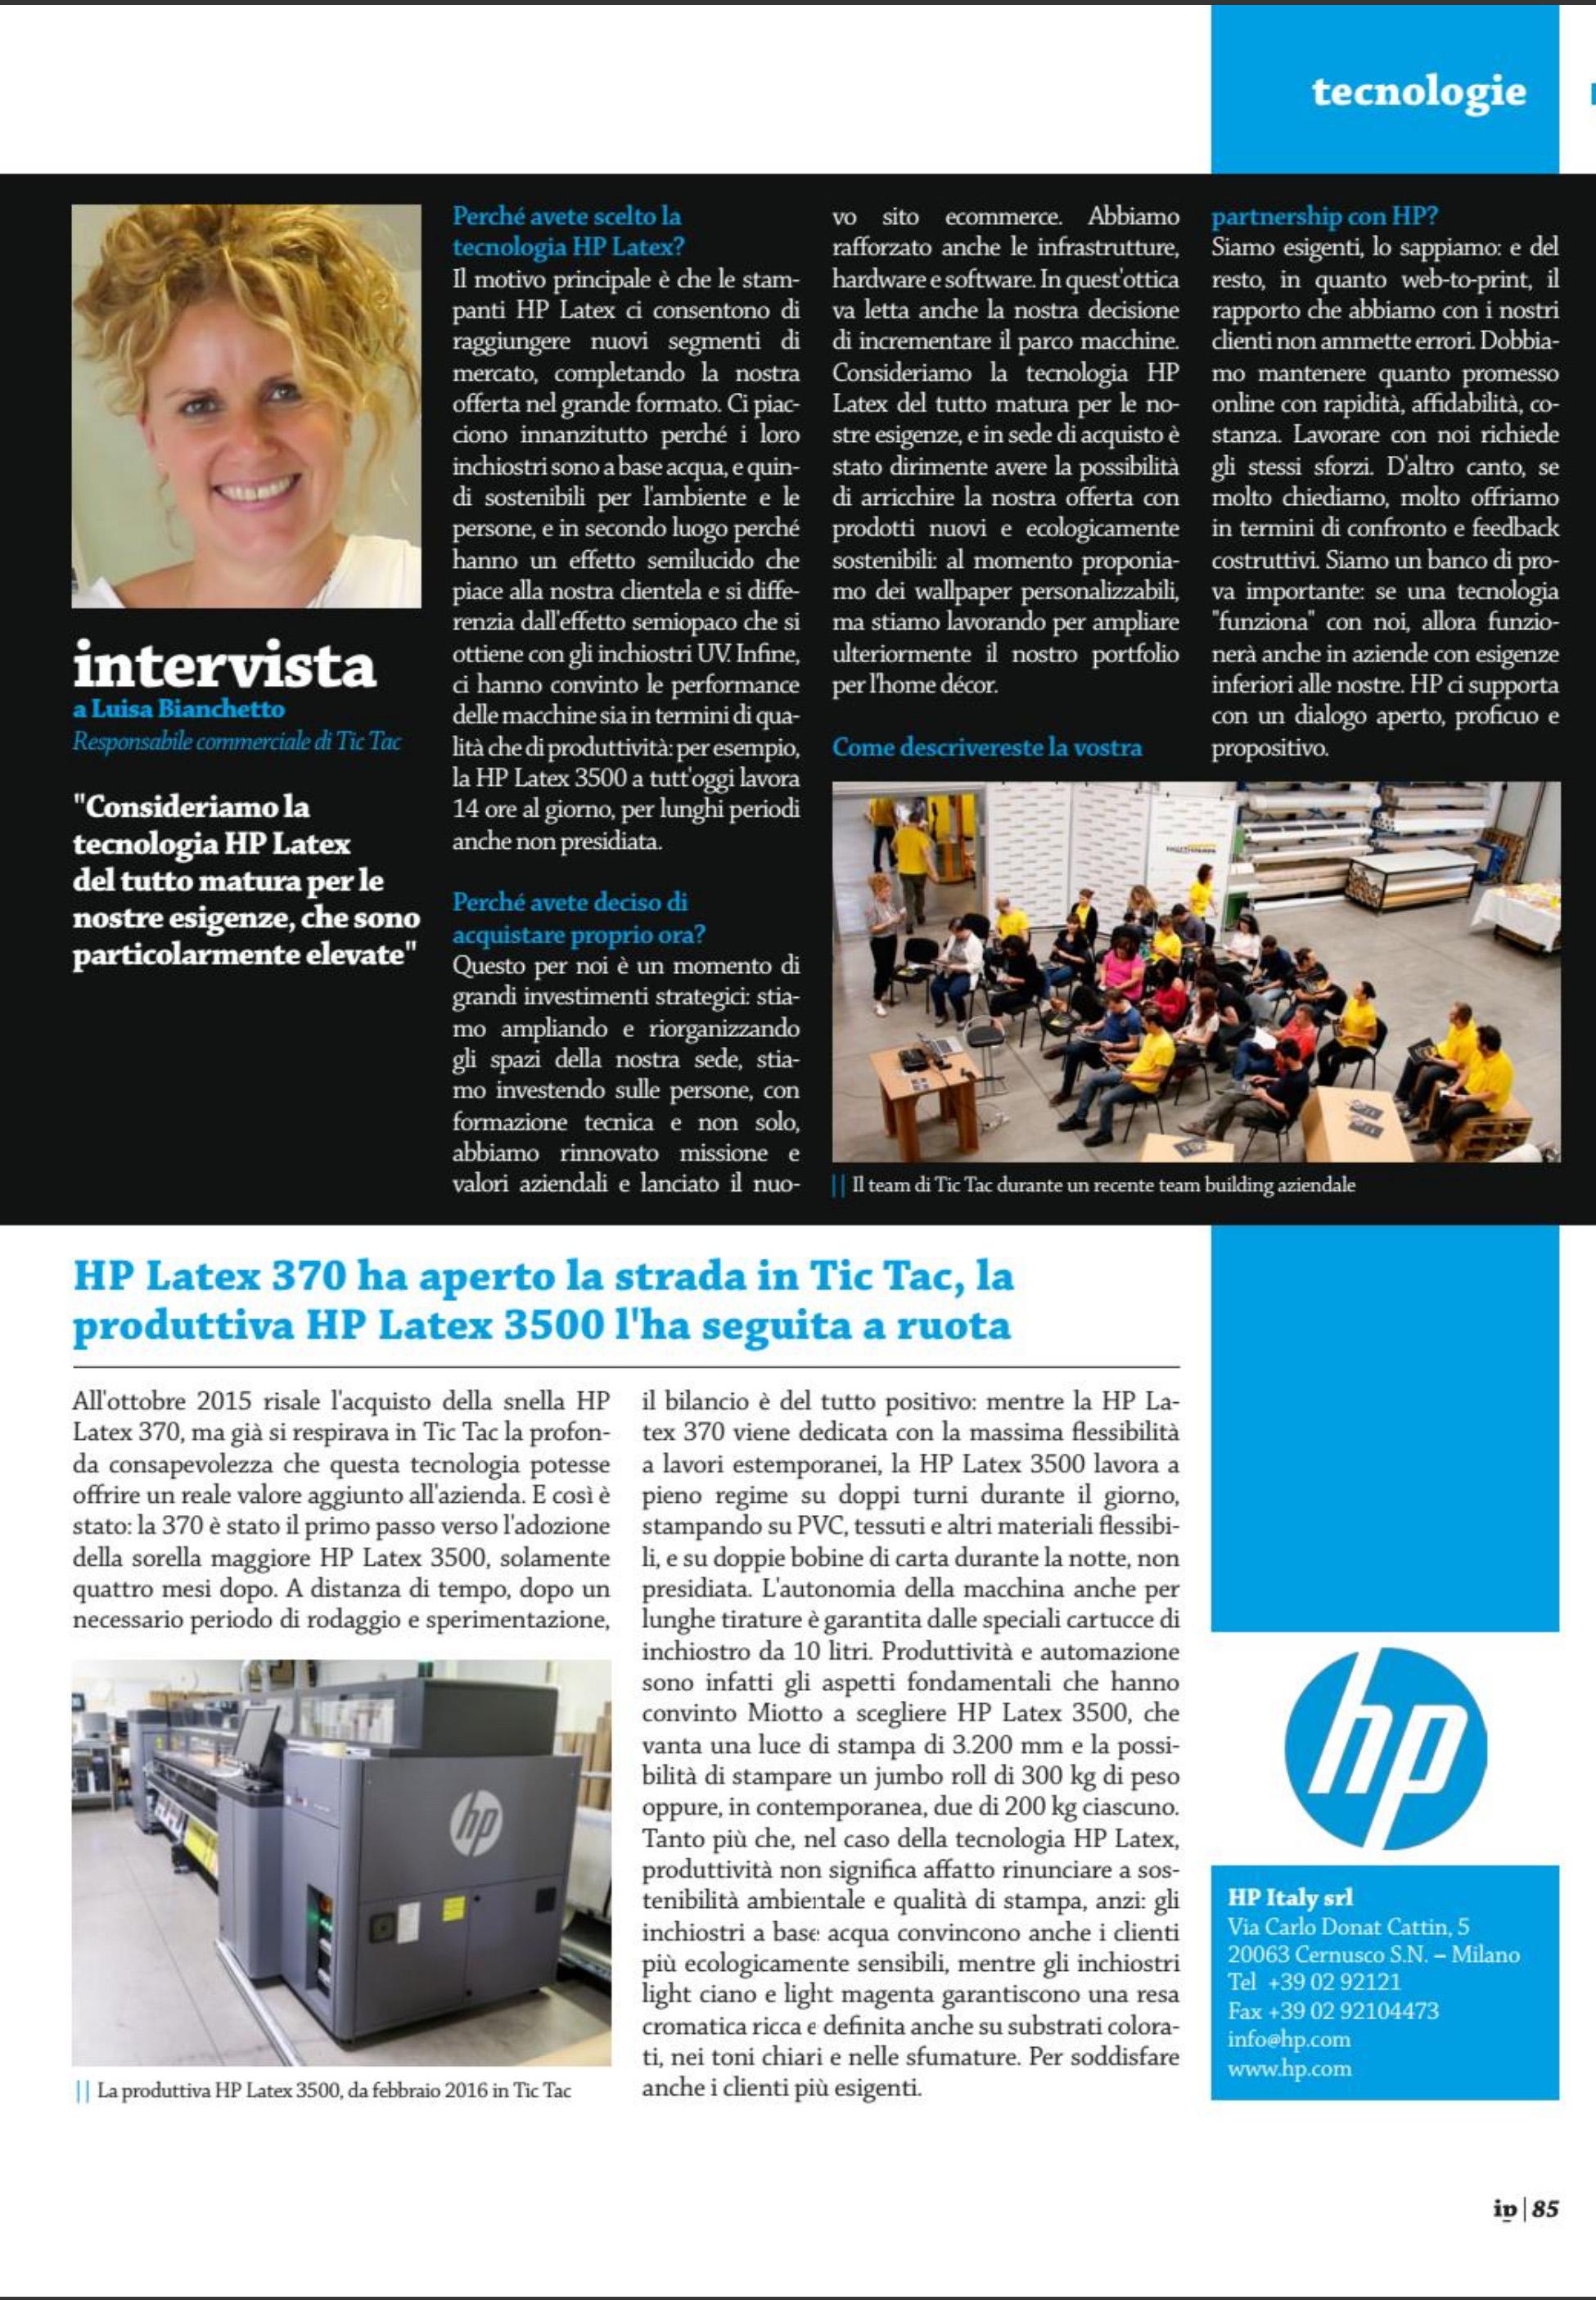 Ecologia e produttività: ecco come la tecnologia HP Latex ha convinto Tic Tac